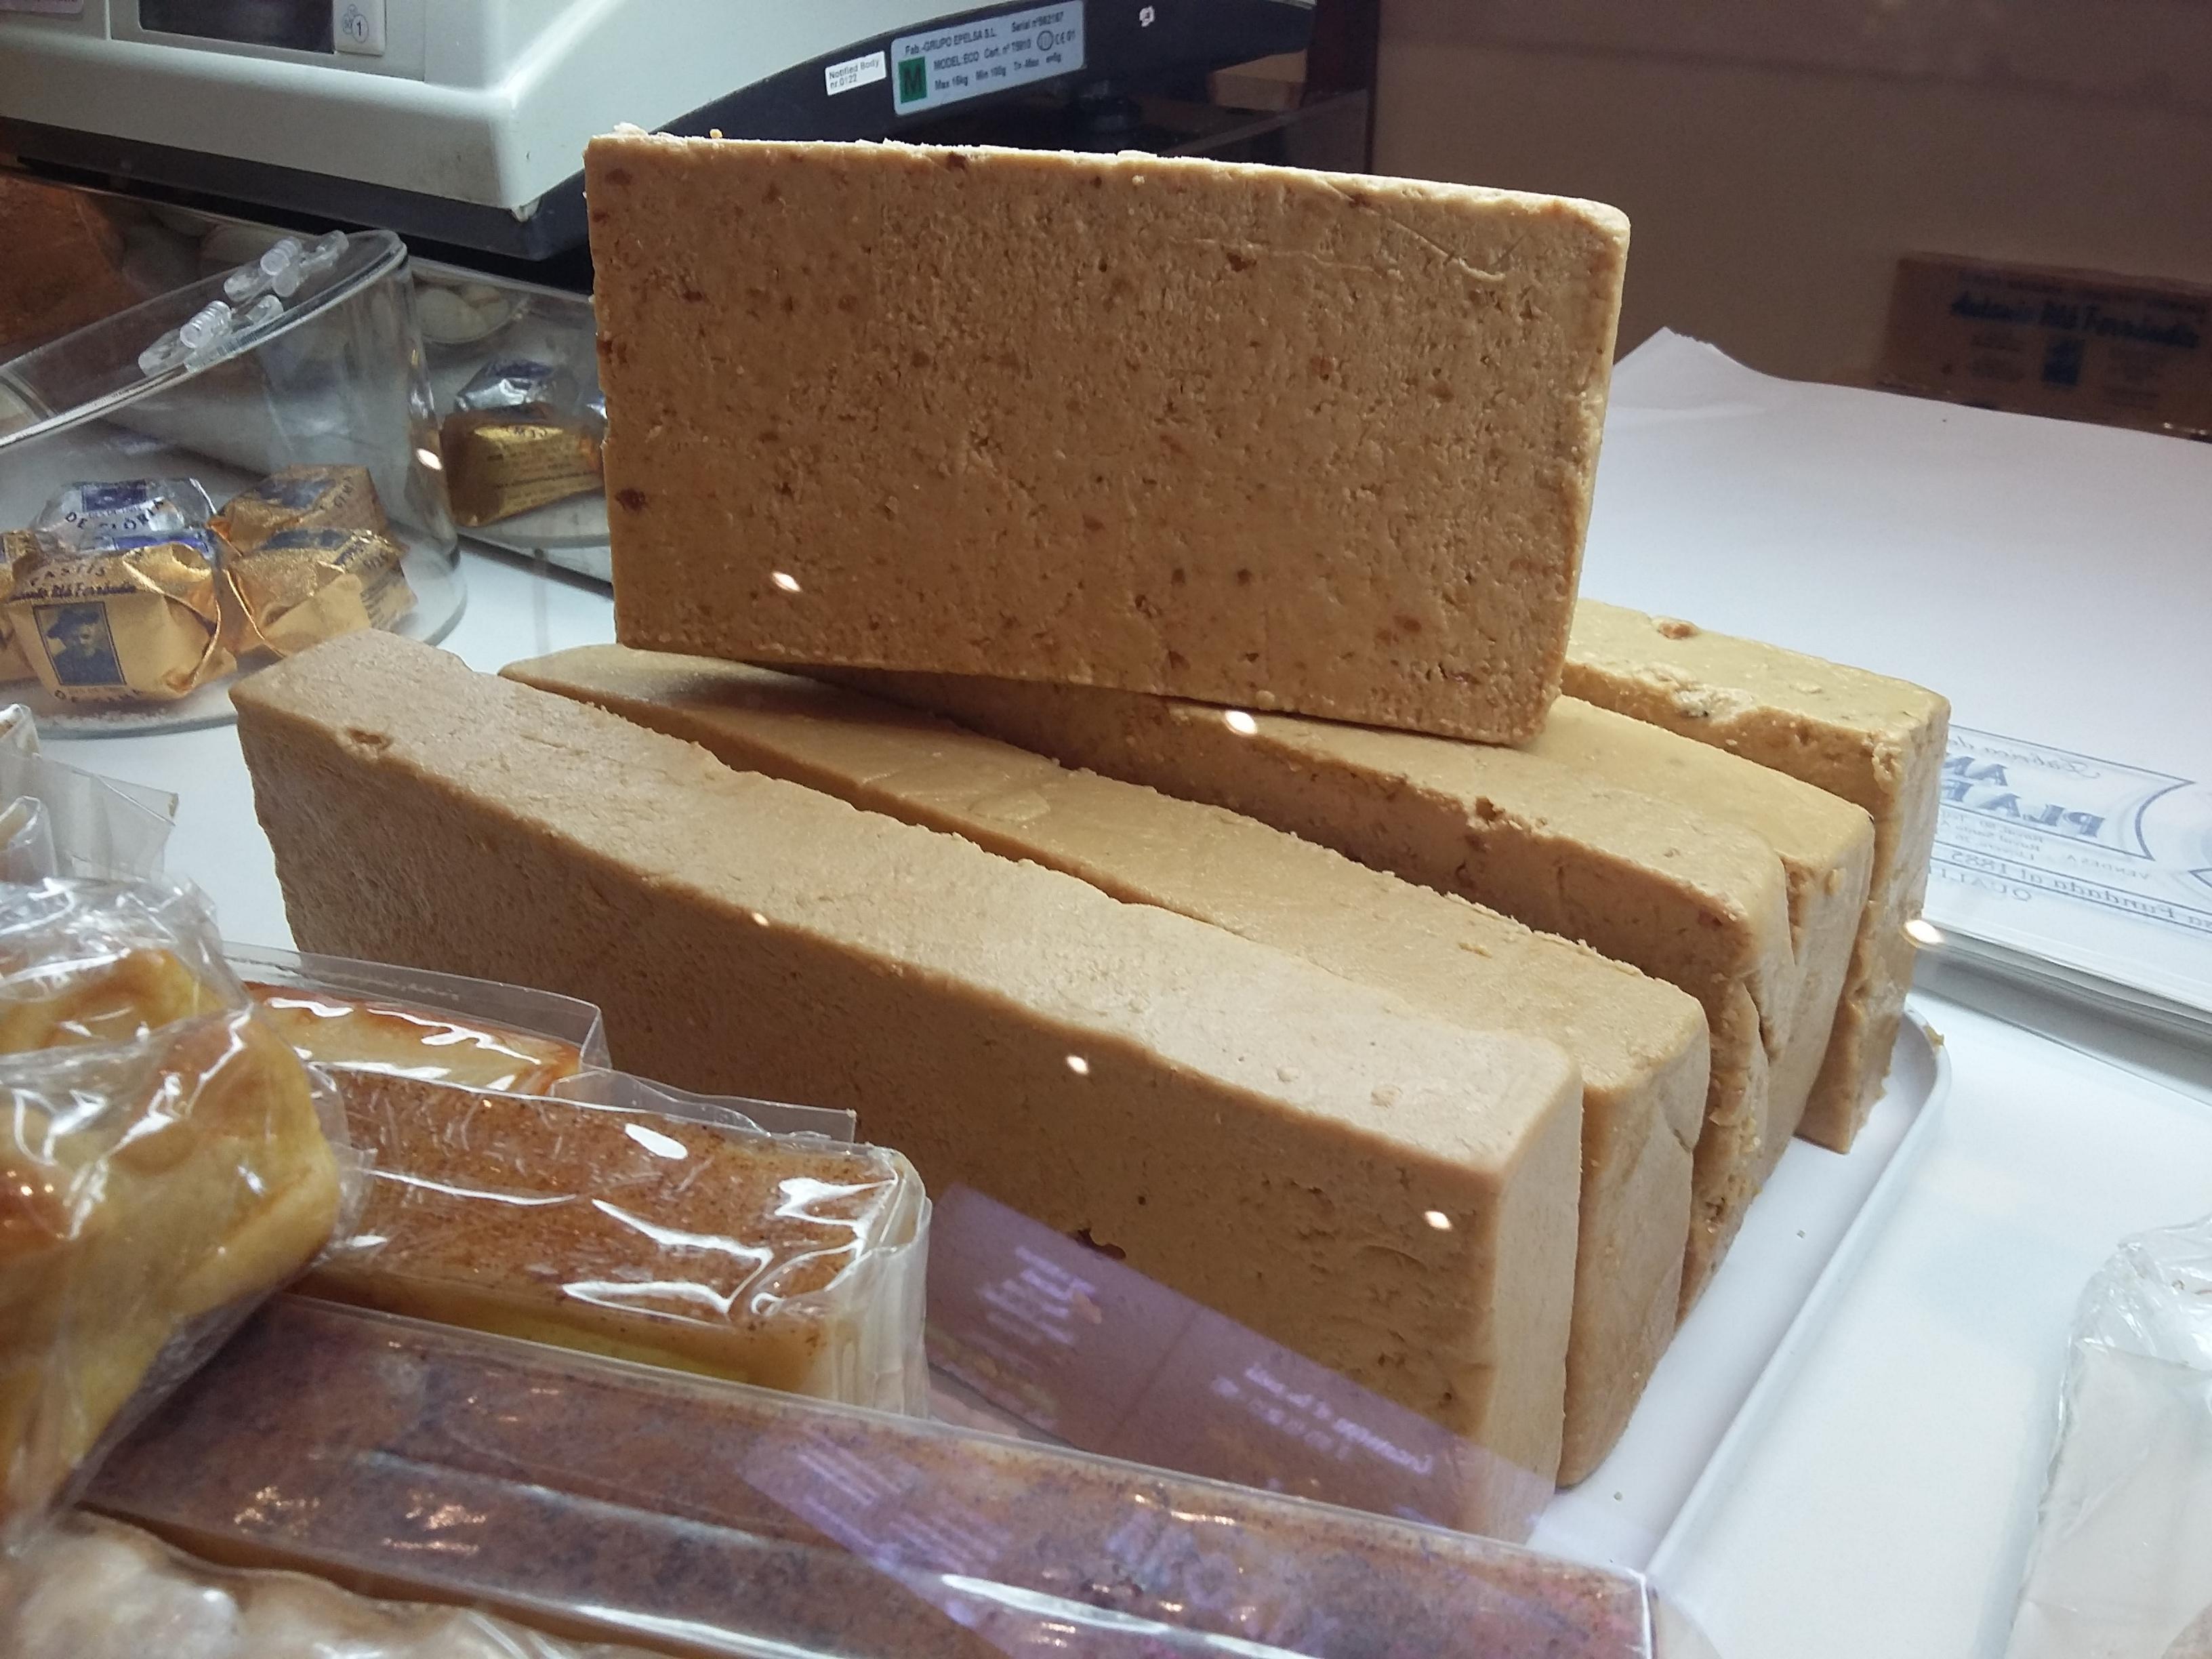 Tast hedònic de torró de Xixona